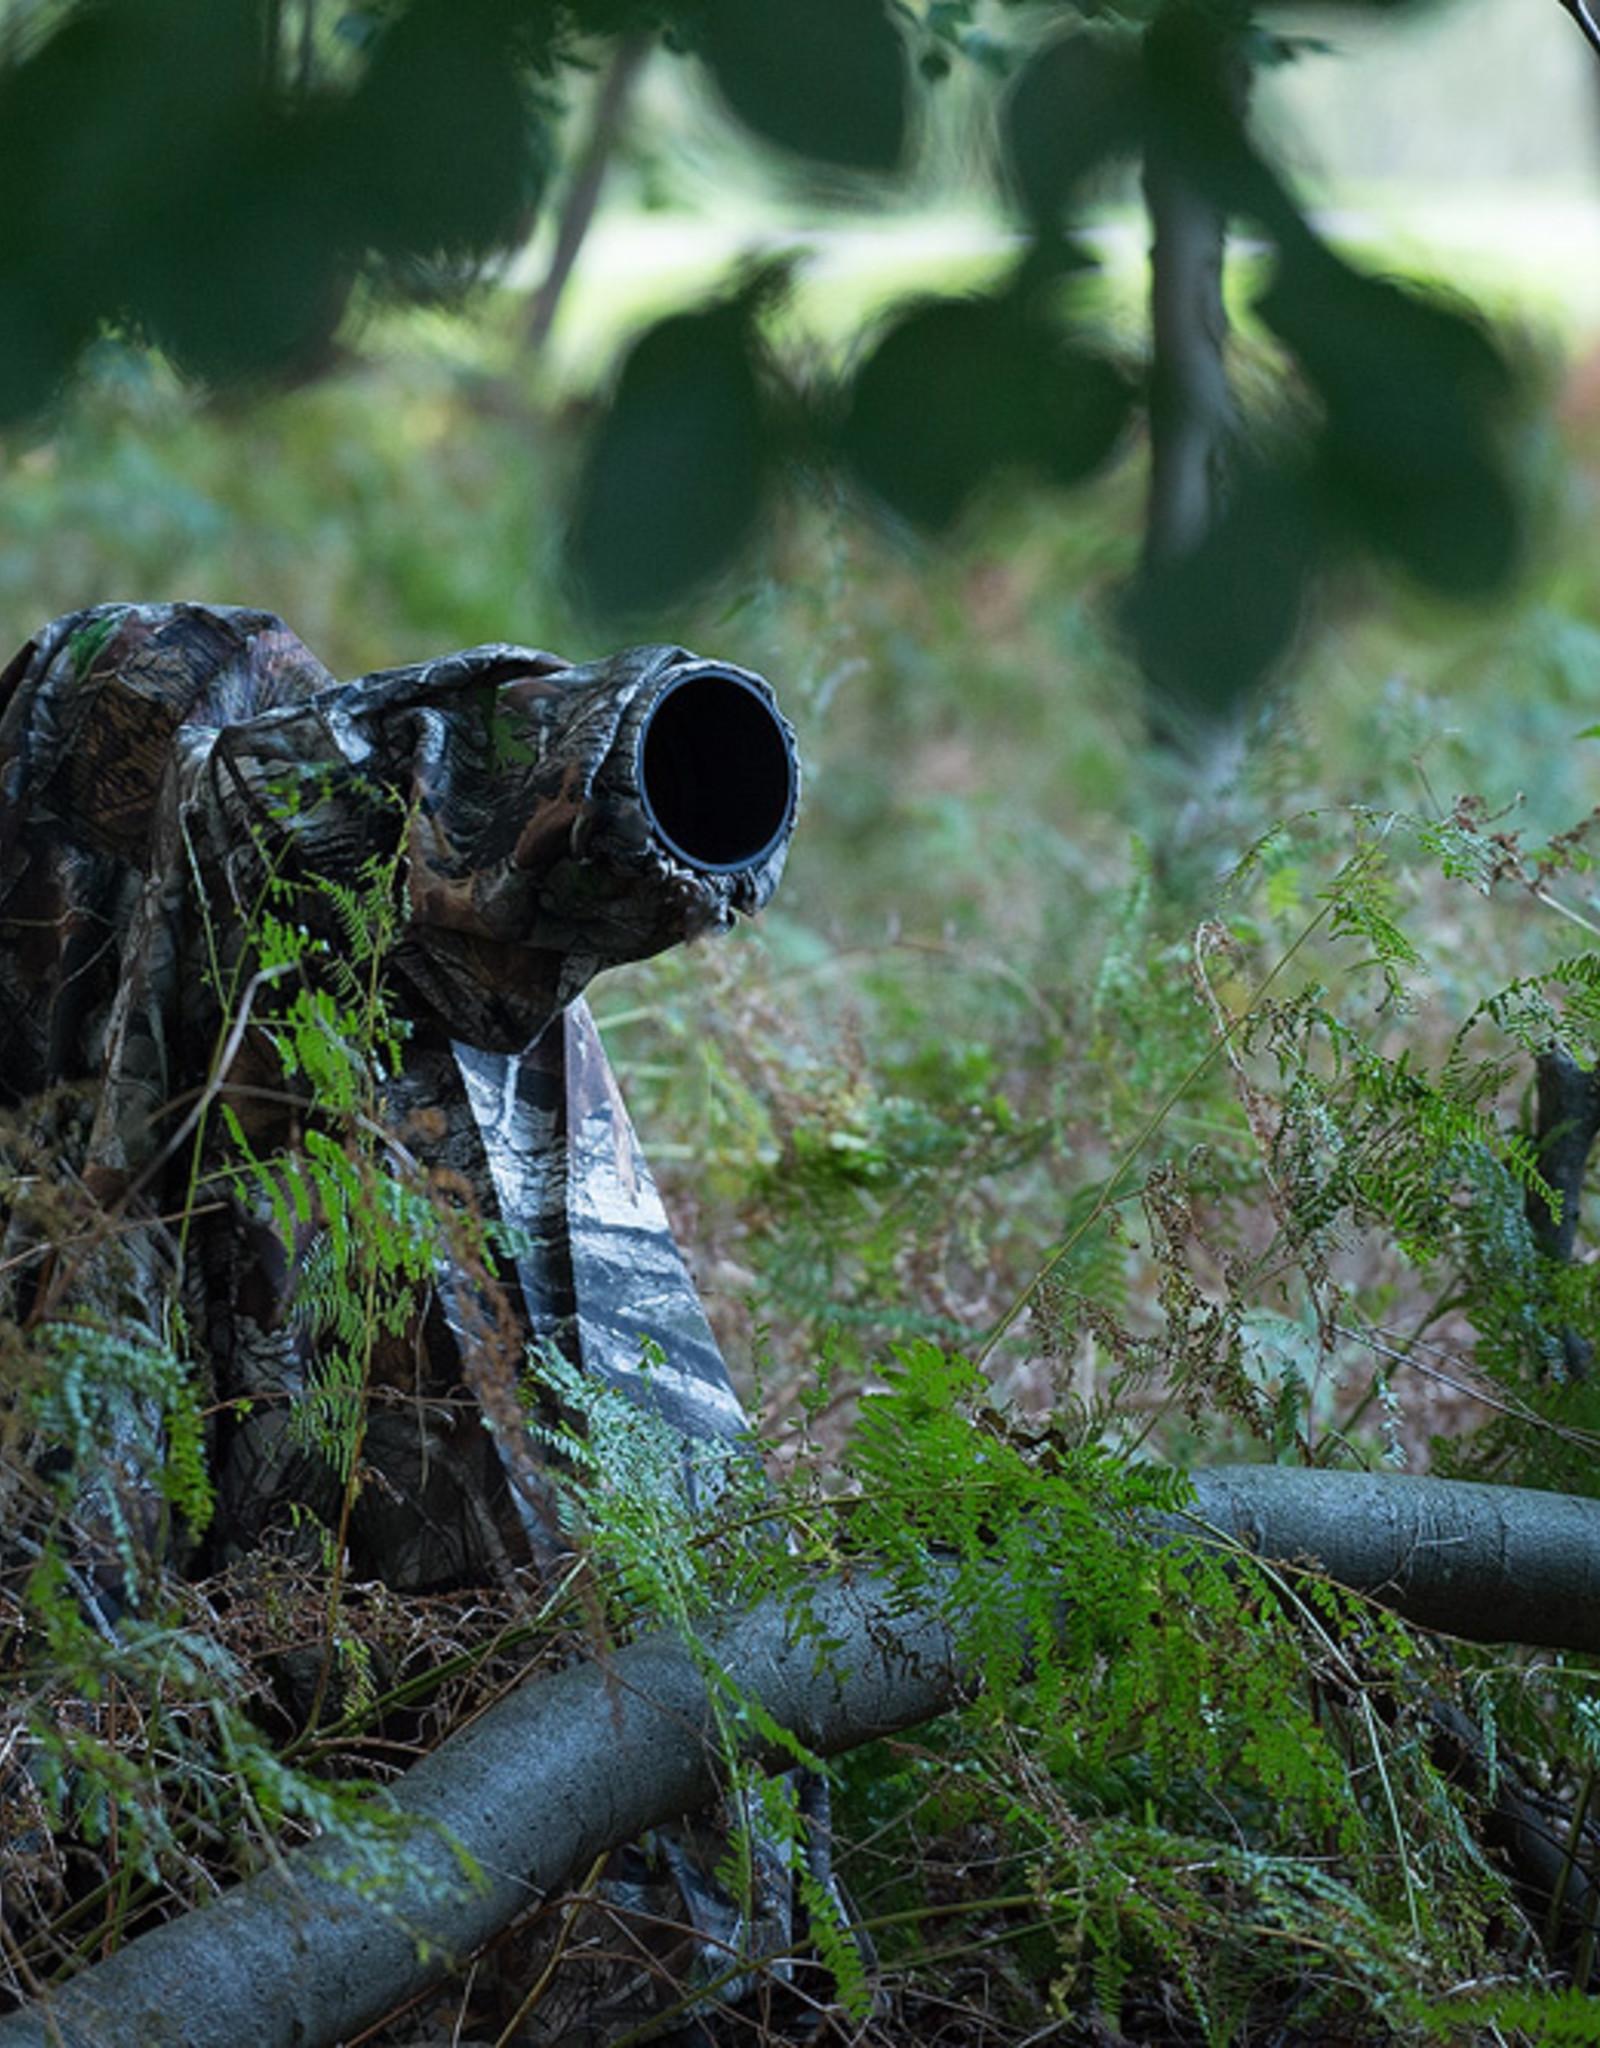 HBN - Enjoy Wildlife! HBN Camouflage cloth cotton II